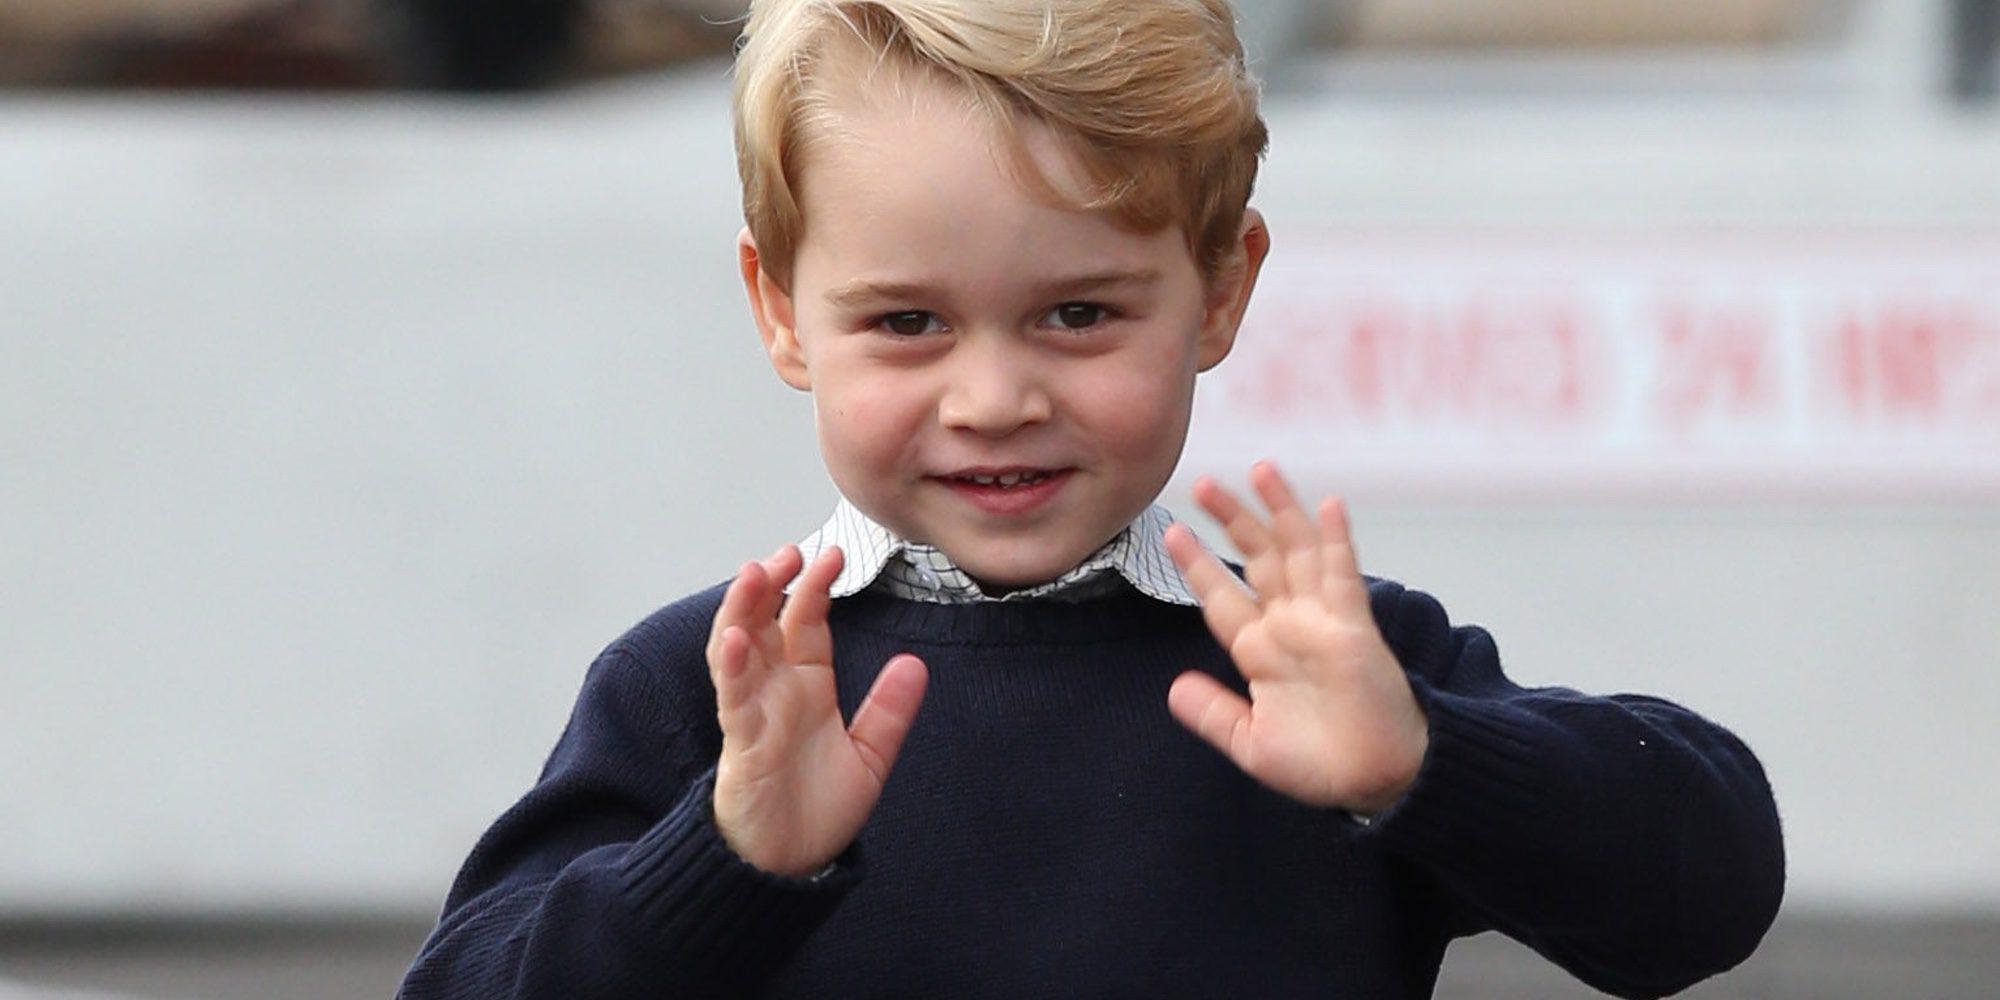 El Príncipe Jorge, todo sonrisas en su posado oficial con motivo de su primer día de colegio